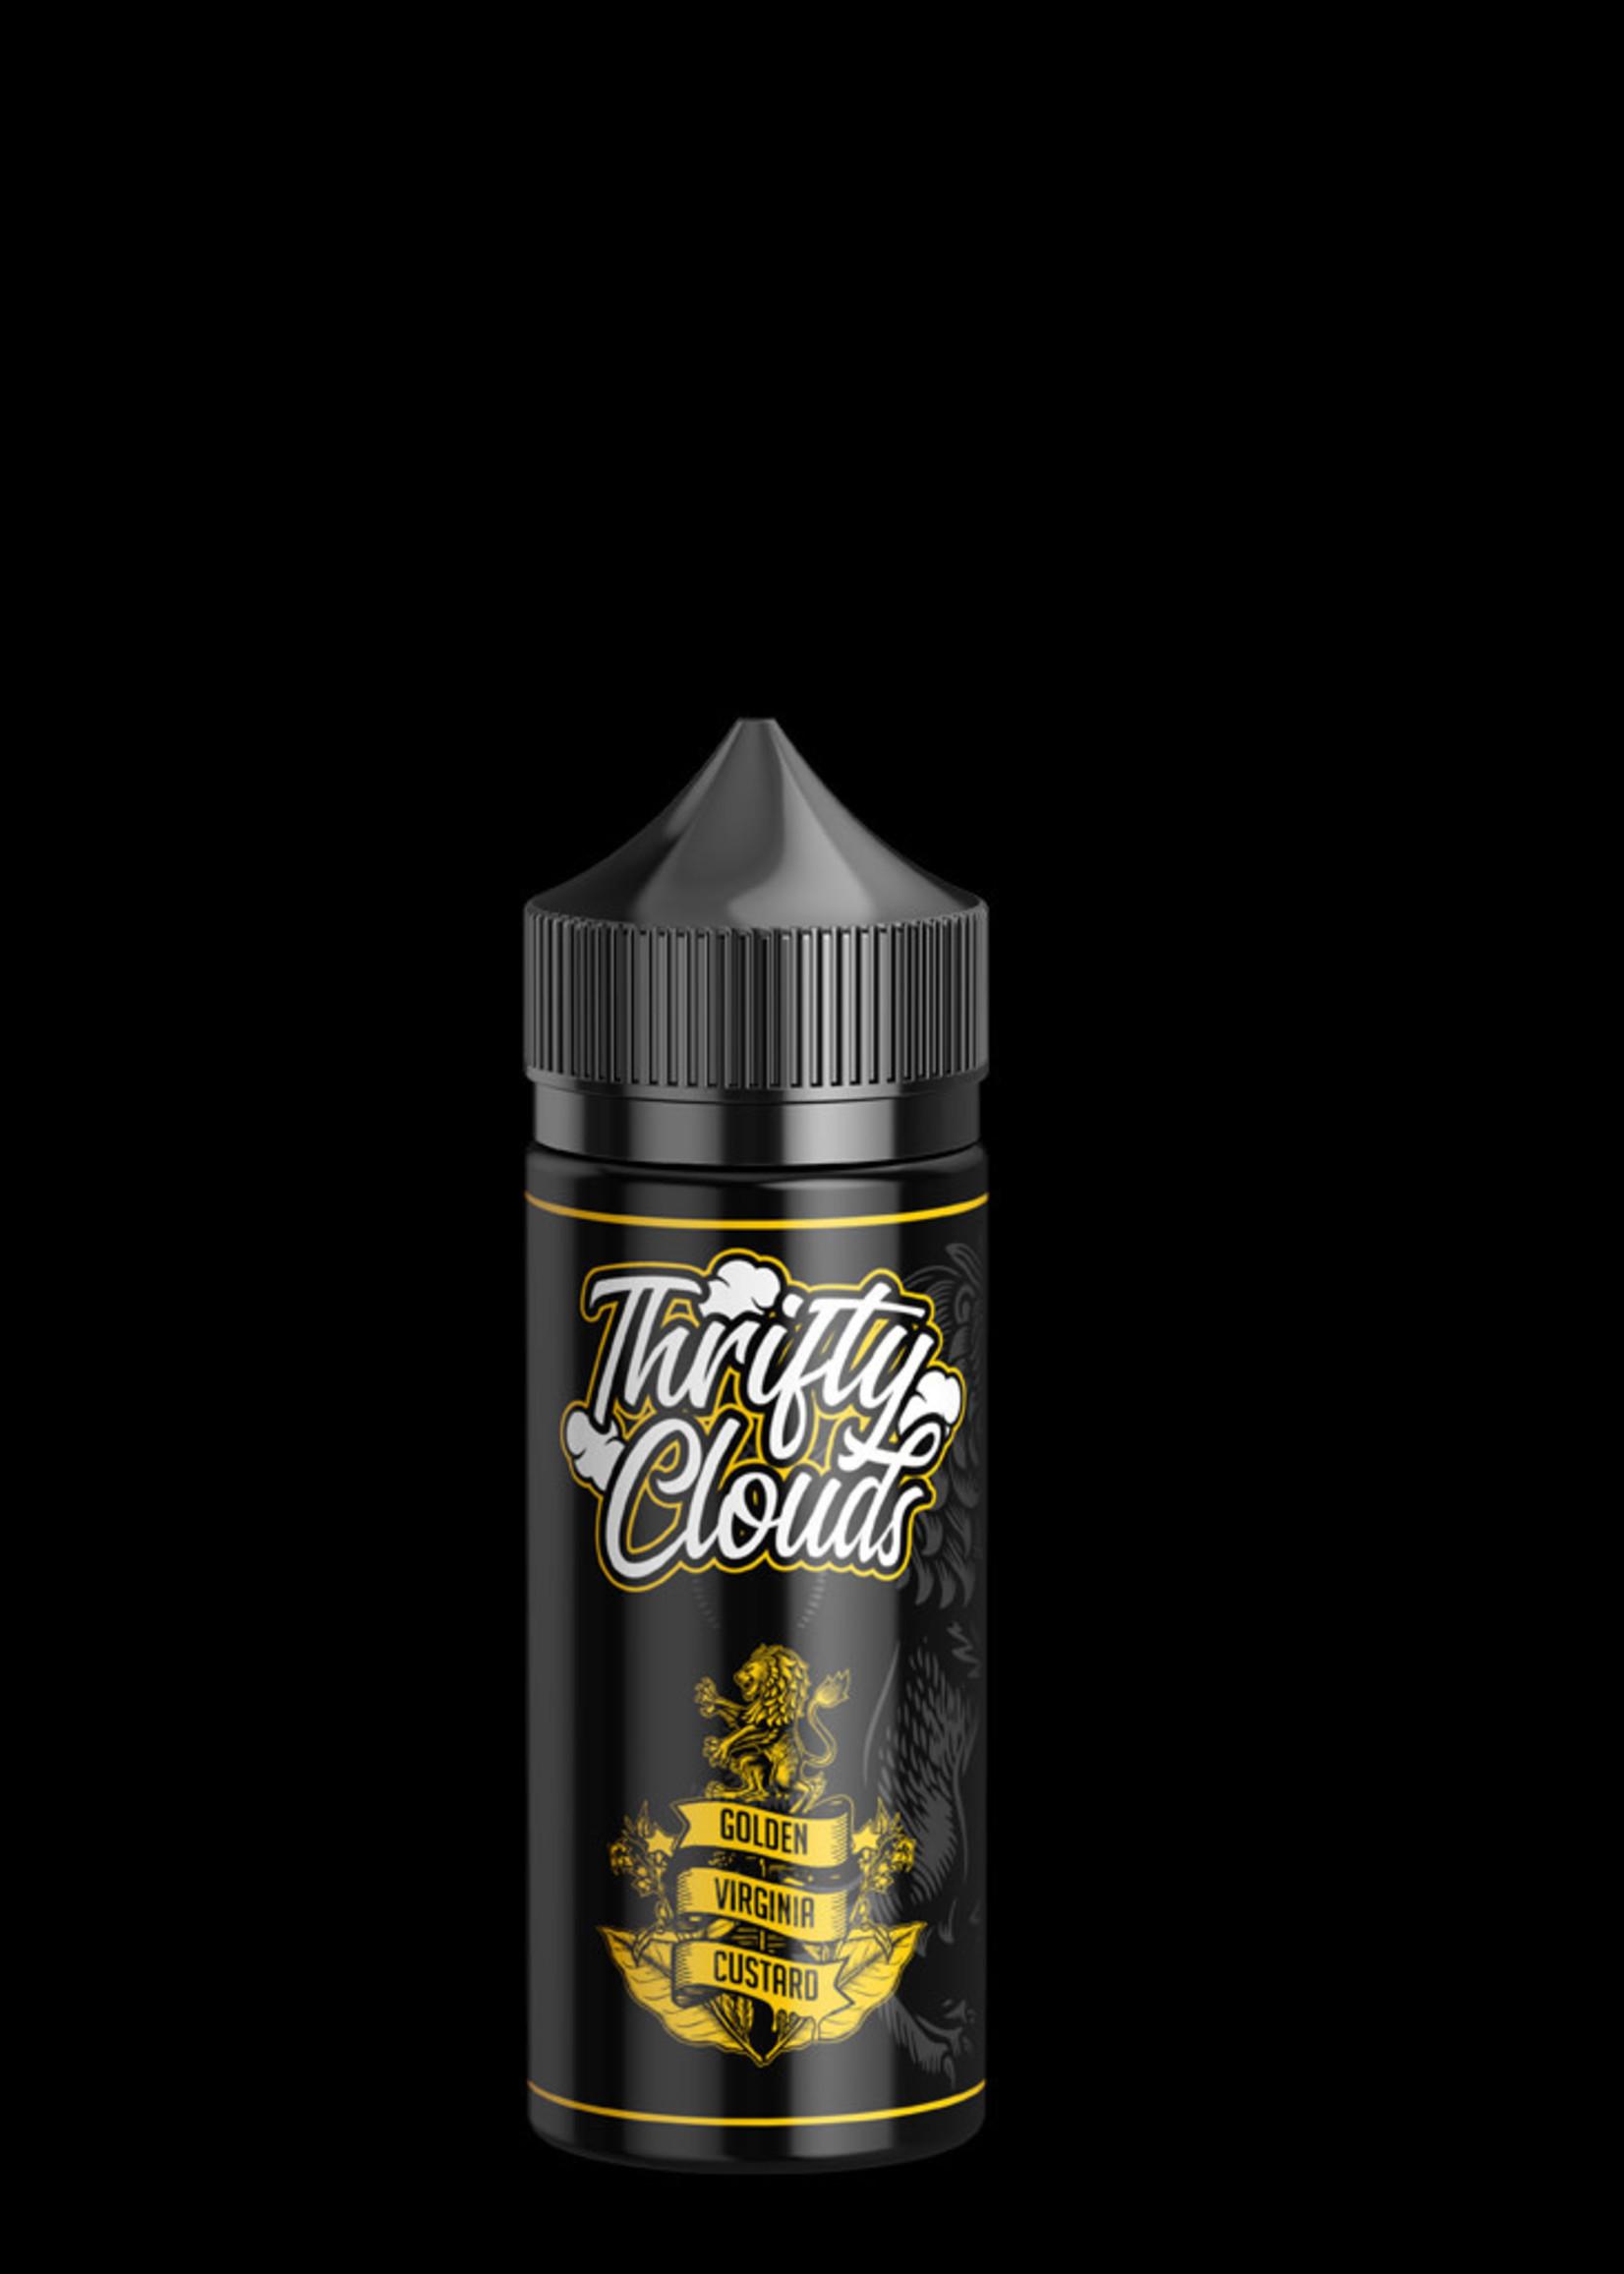 Thrifty clouds Vape flavour - Golden virginia custard 100ml- 3mg